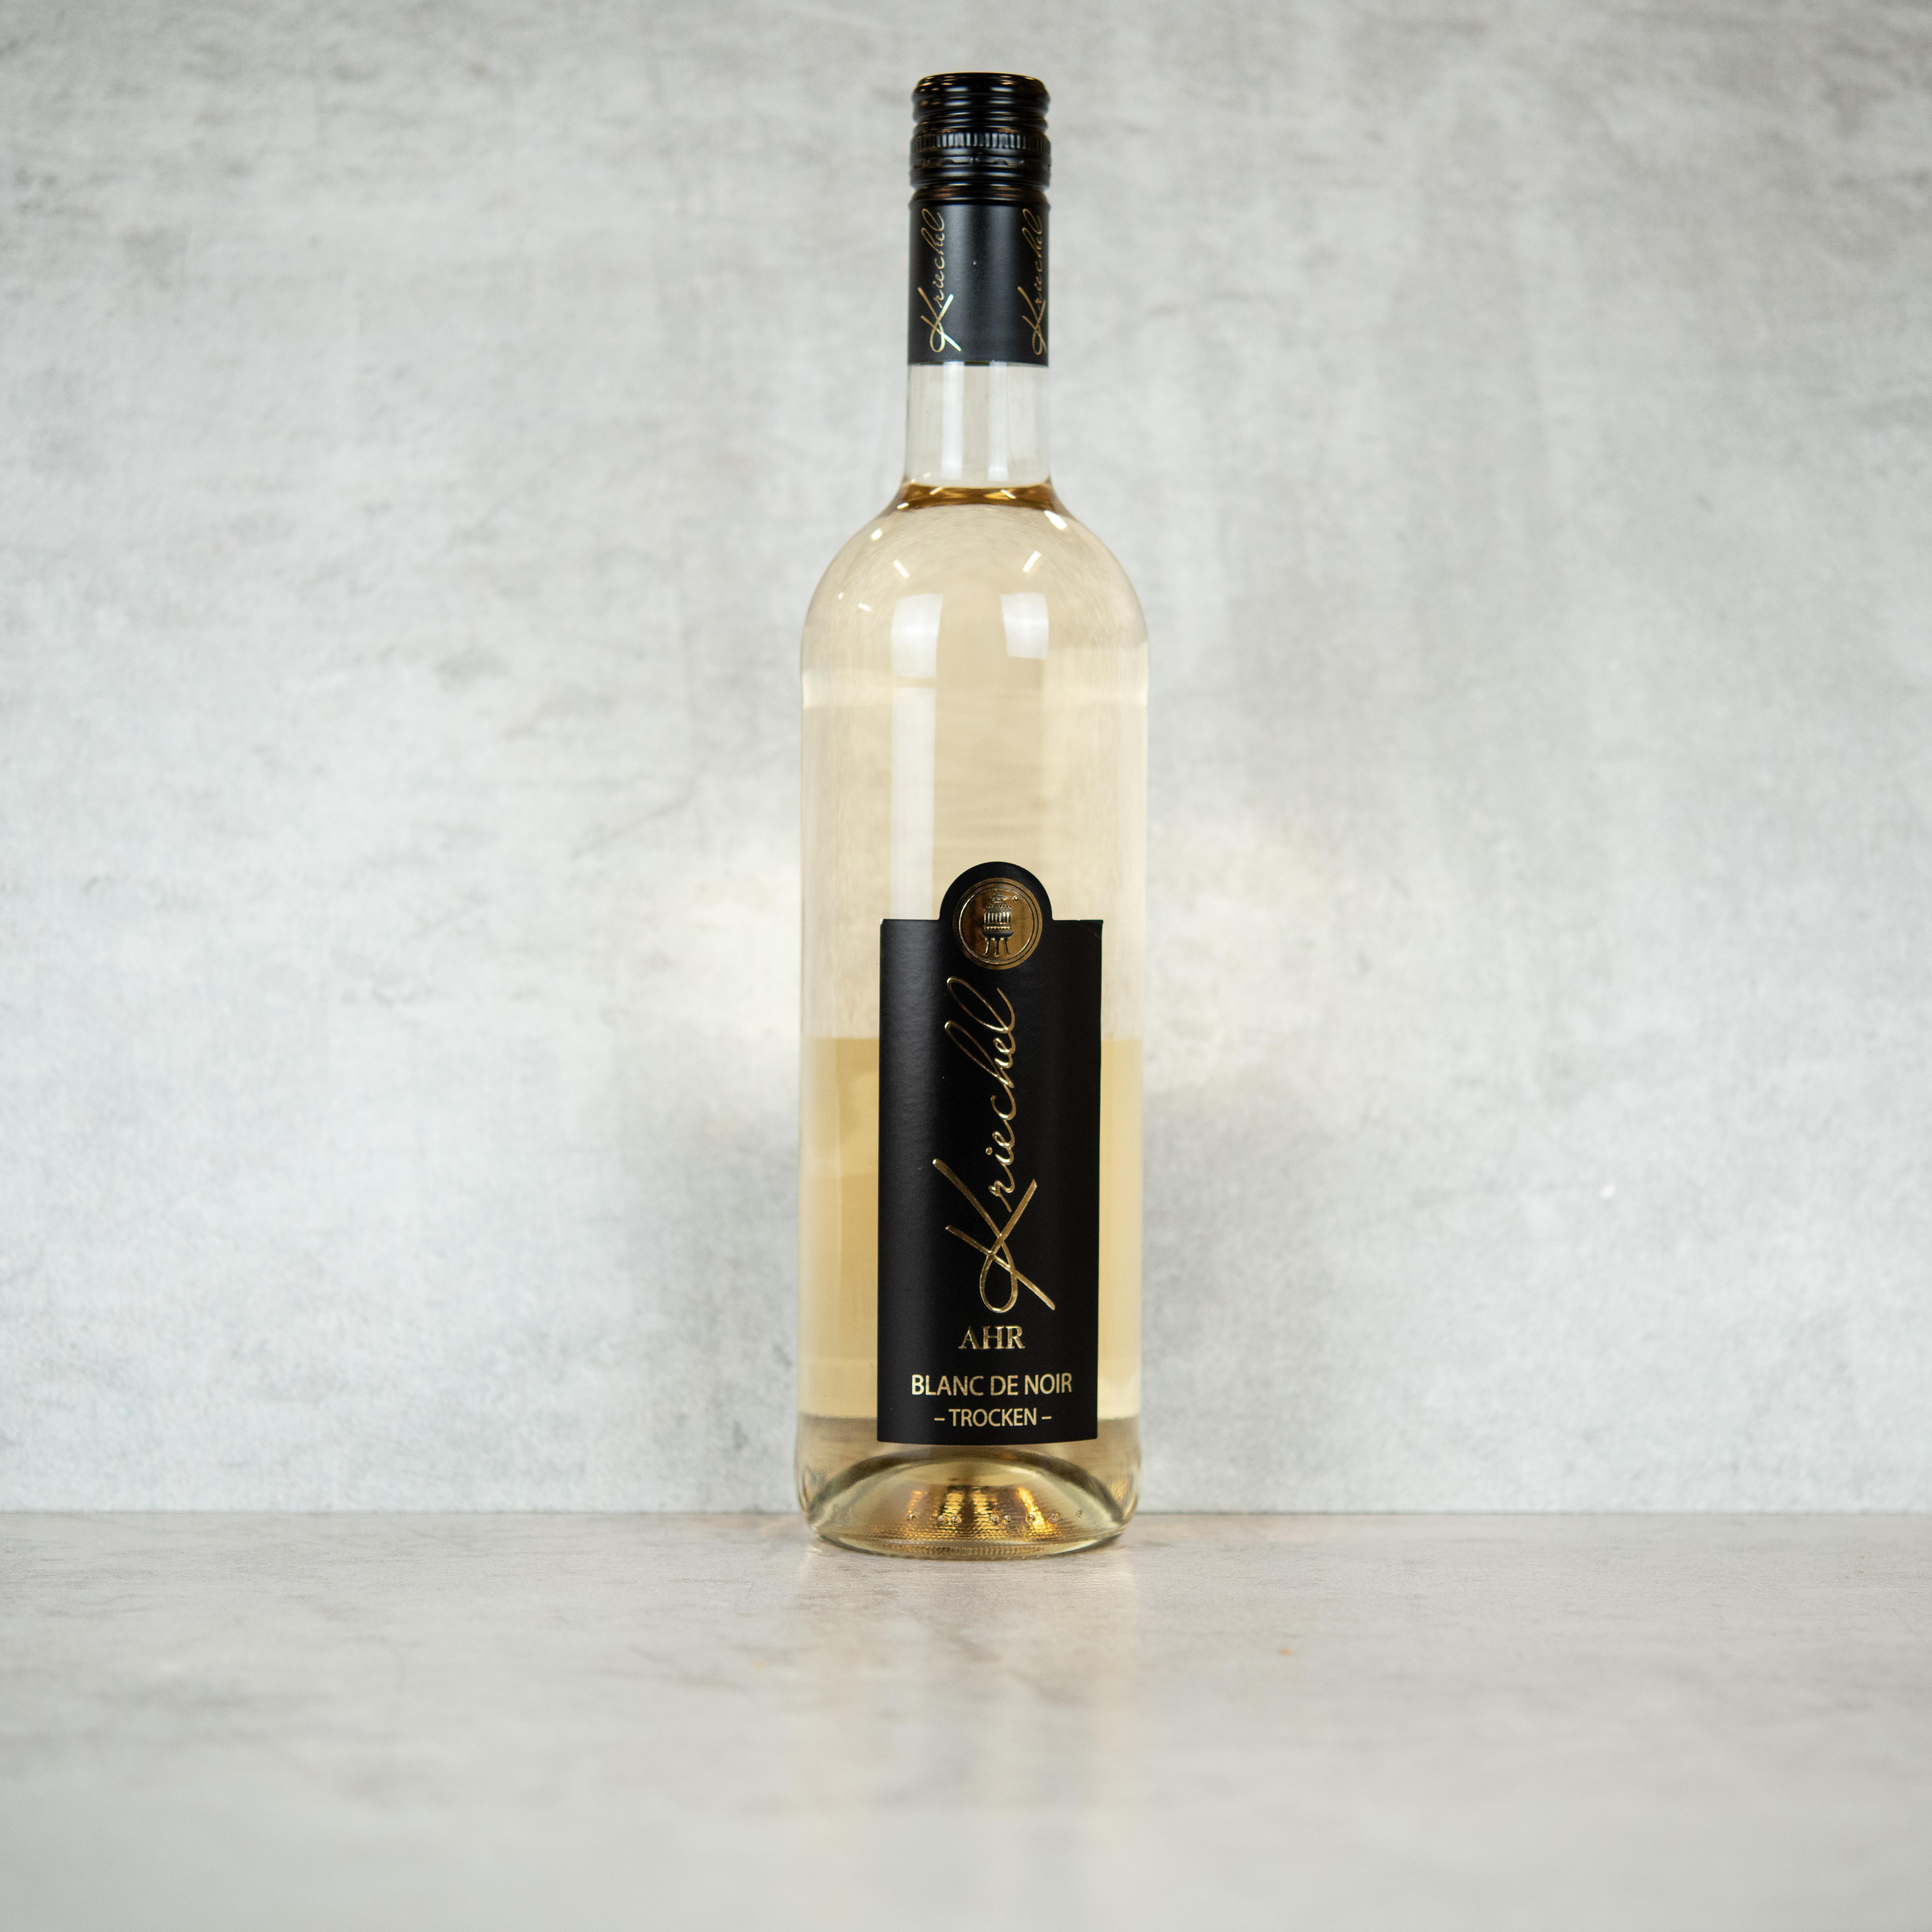 blanc-de-noir-spaetburgunder-2019-07-liter-flasche-markthalle20-1